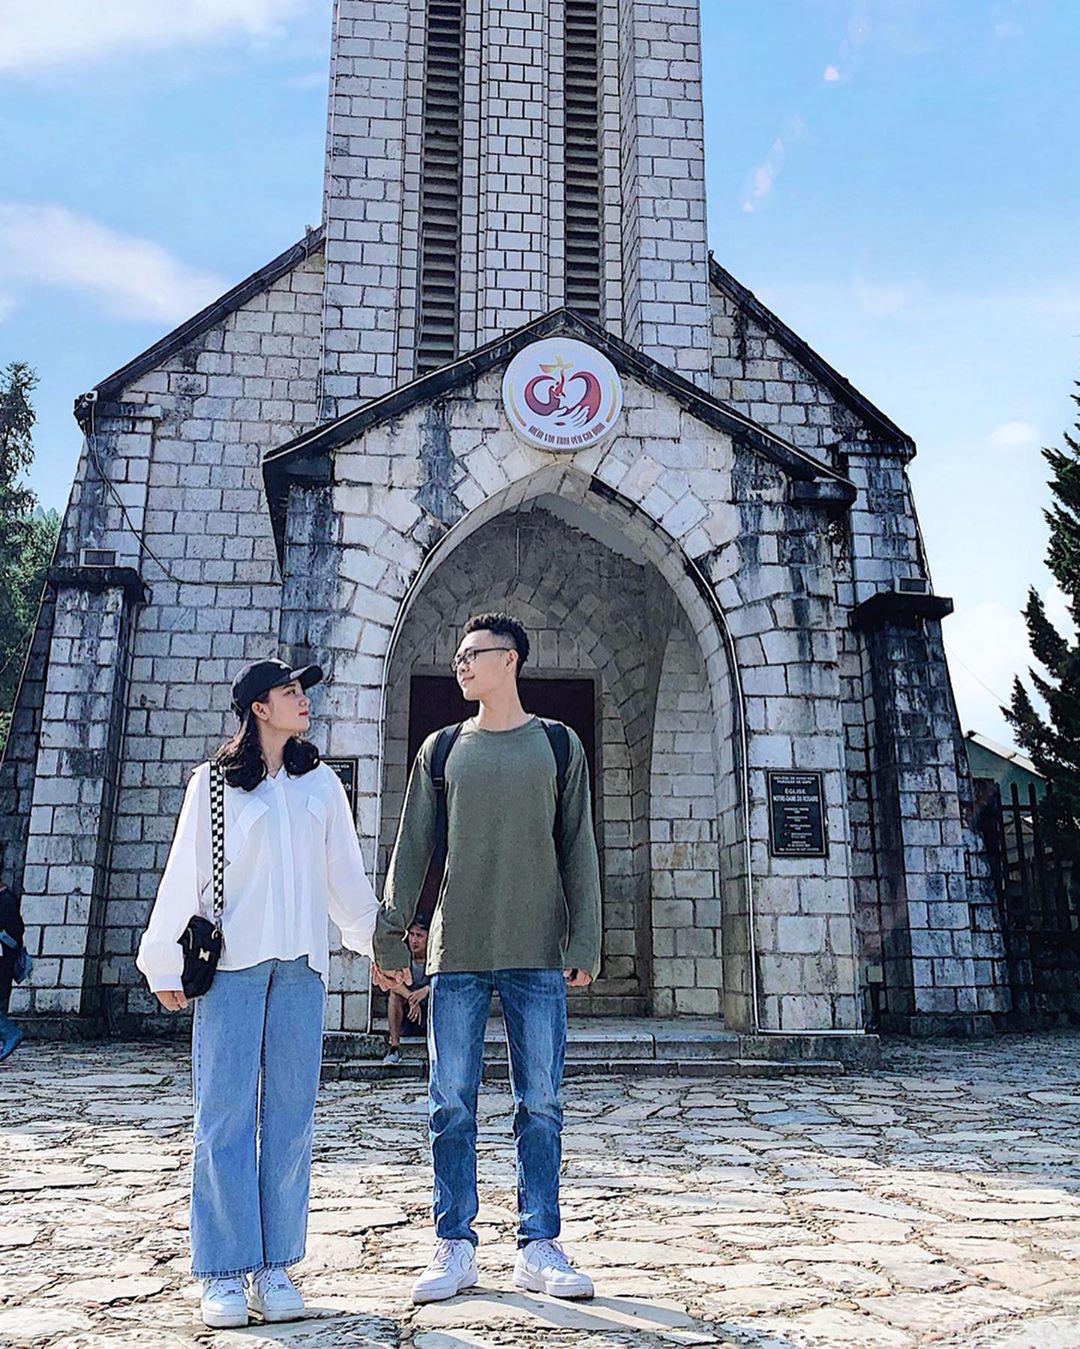 Hàng loạt tour du lịch Tết Hà Nội - Sa Pa 3 ngày 2 đêm giá chỉ từ 2,7 triệu đồng - Ảnh 3.